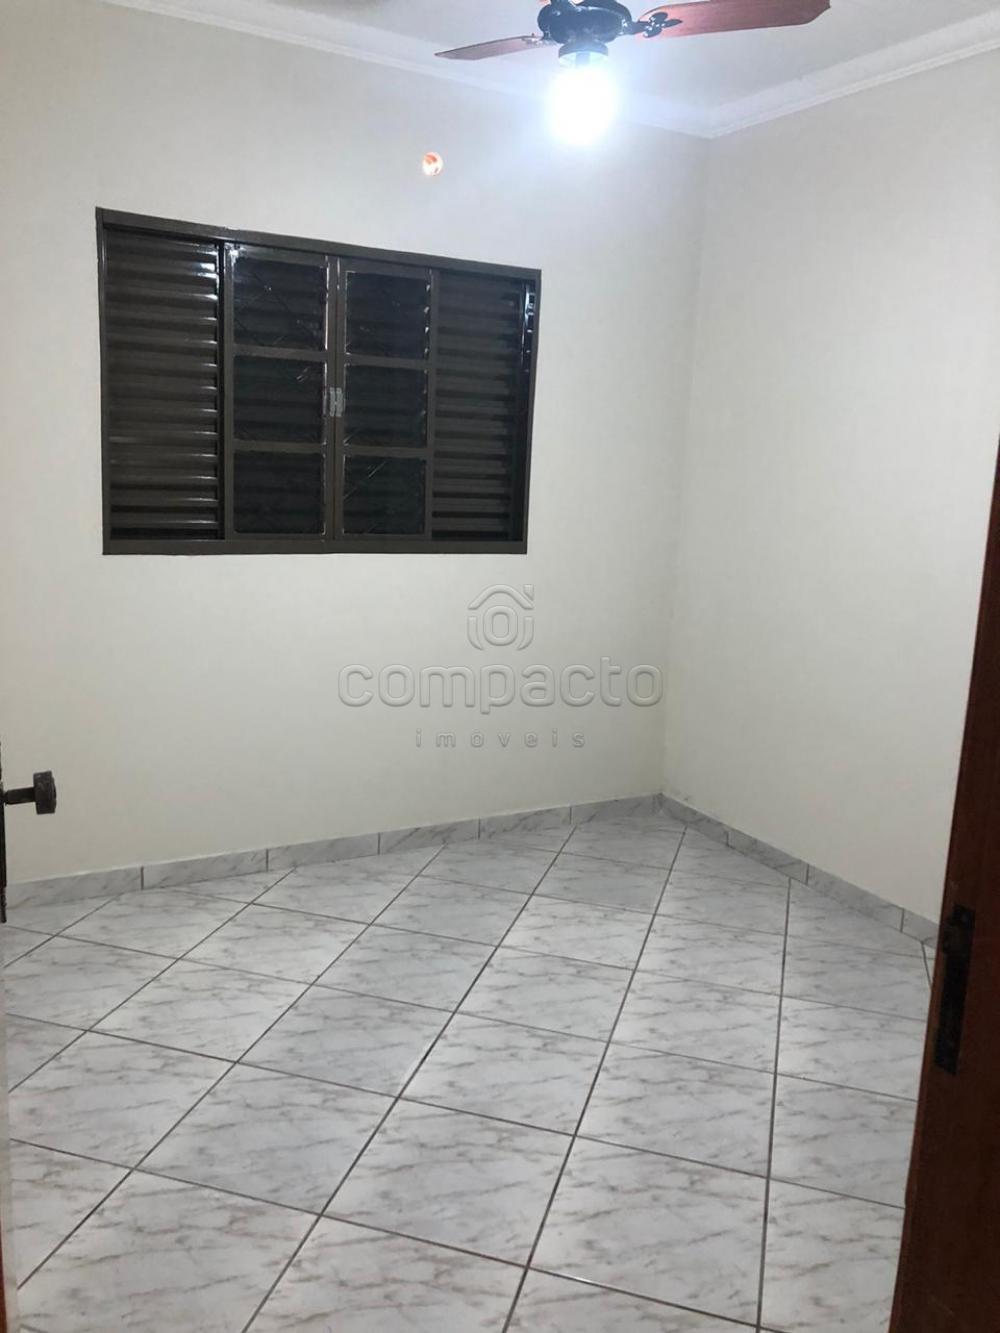 Comprar Casa / Padrão em Mirassol apenas R$ 275.000,00 - Foto 13